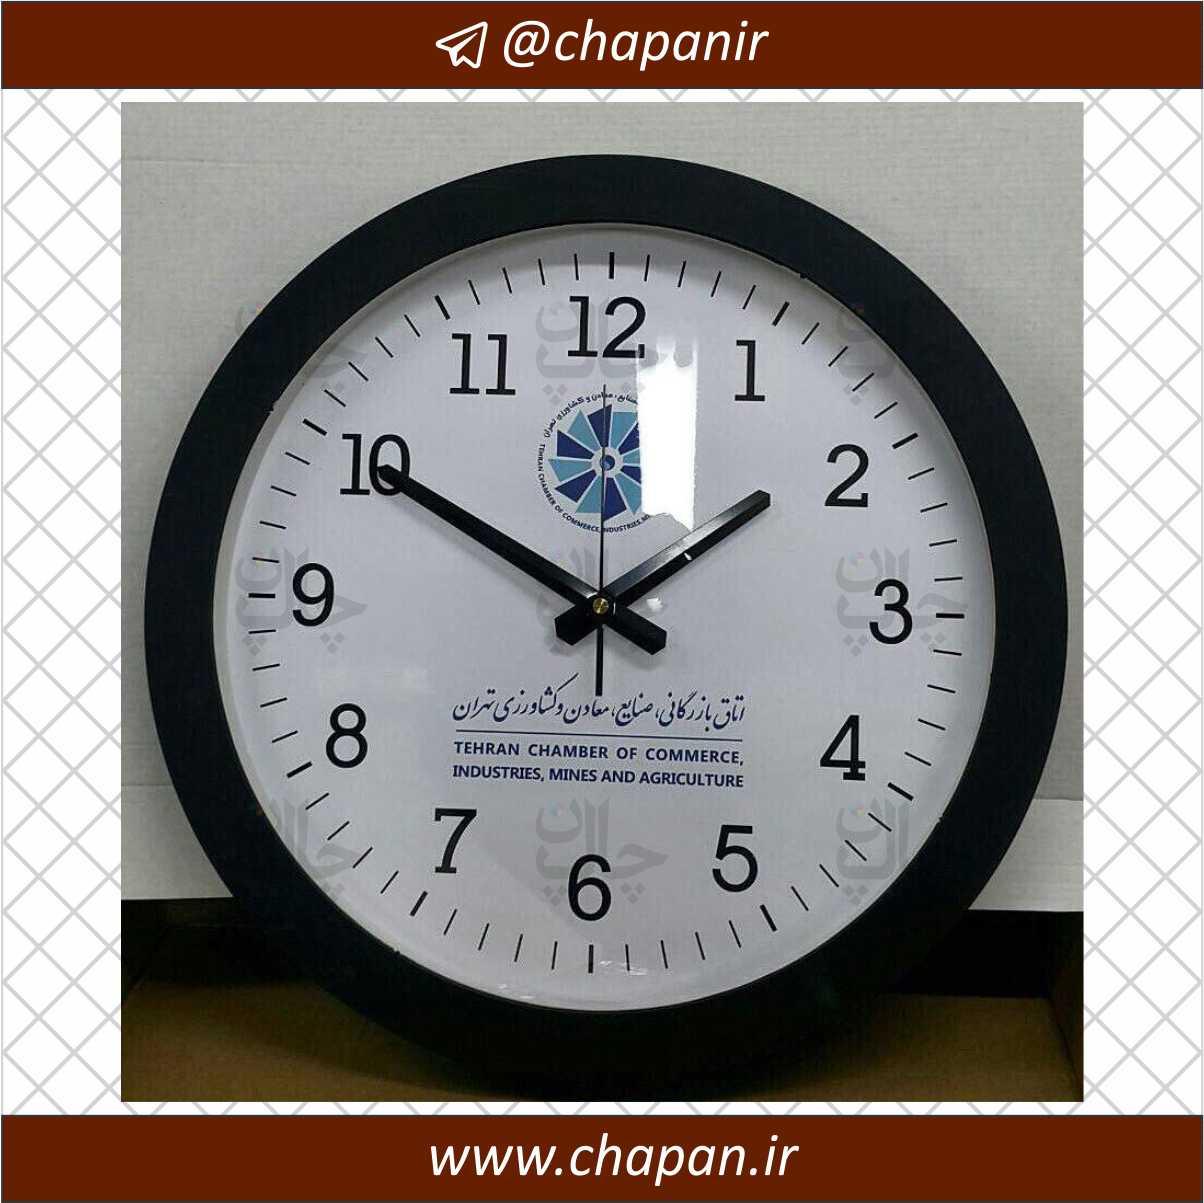 اتاق بازرگاني - ساعت دیواری قطر 40